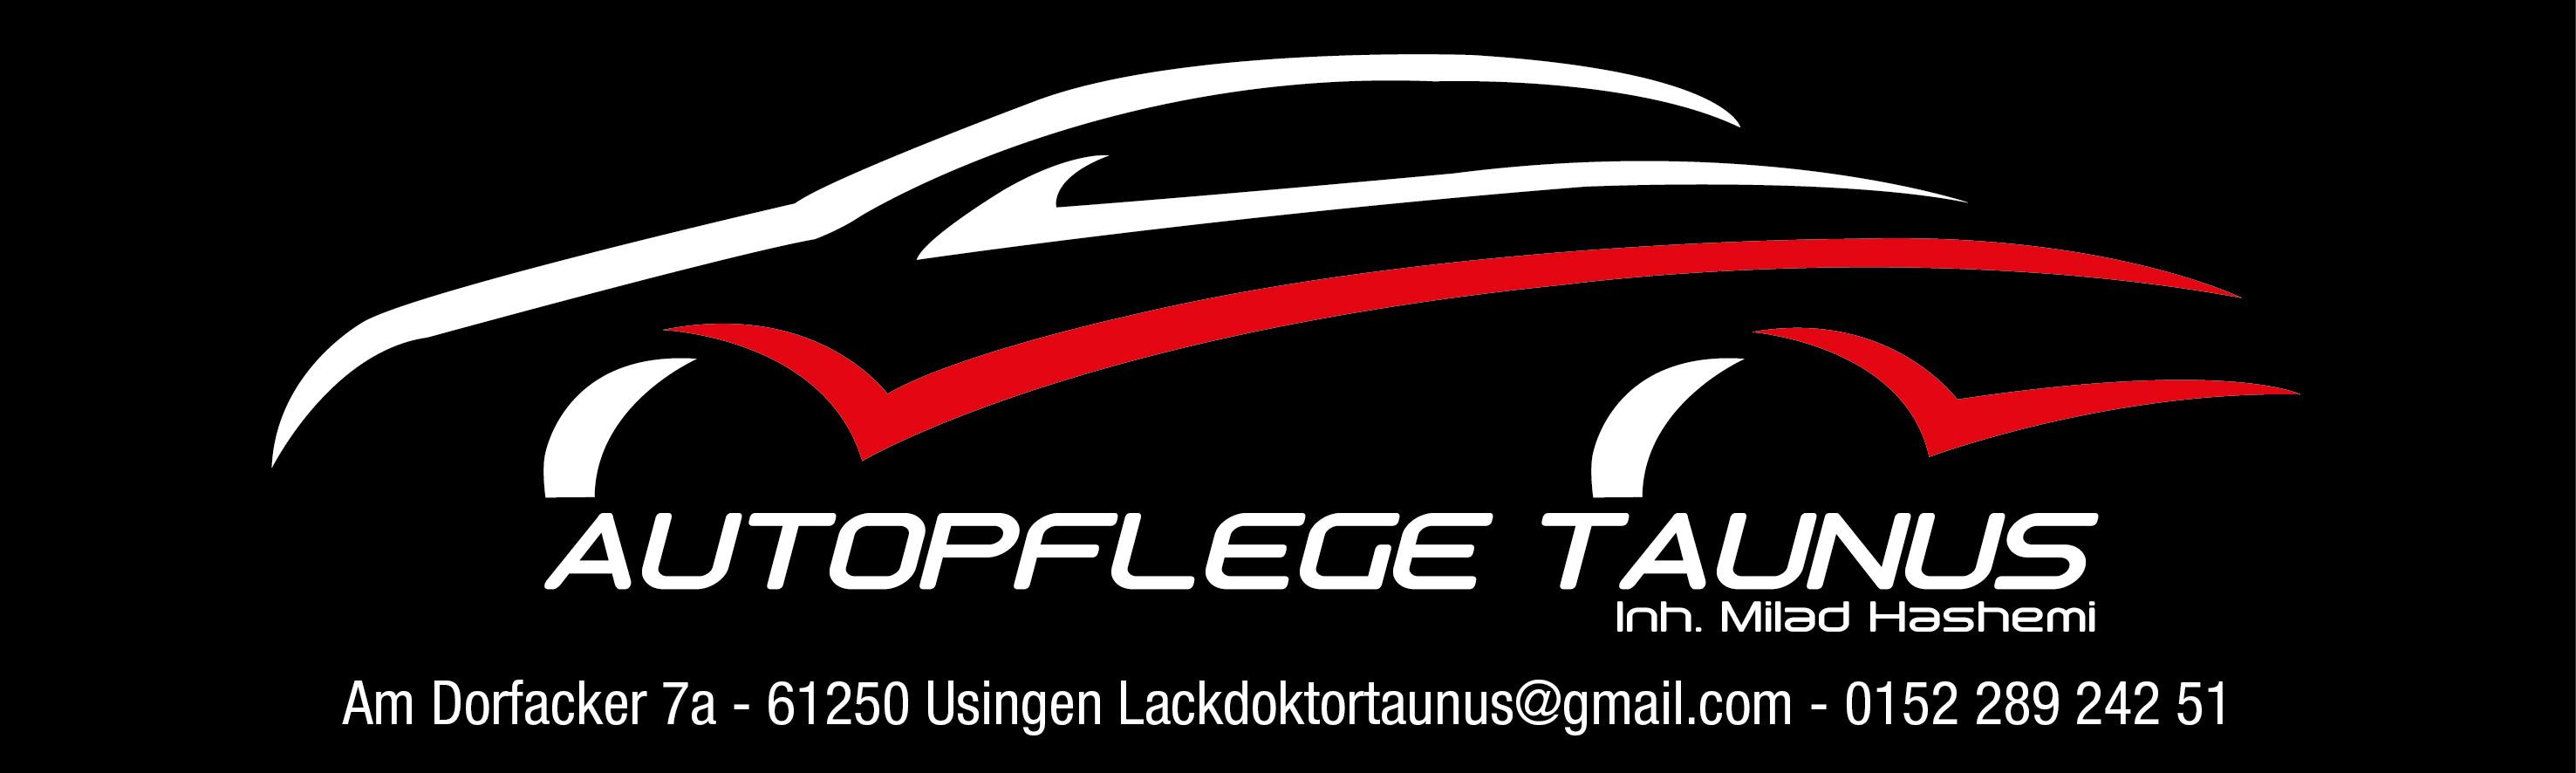 Autopflege_Taunus_50_15